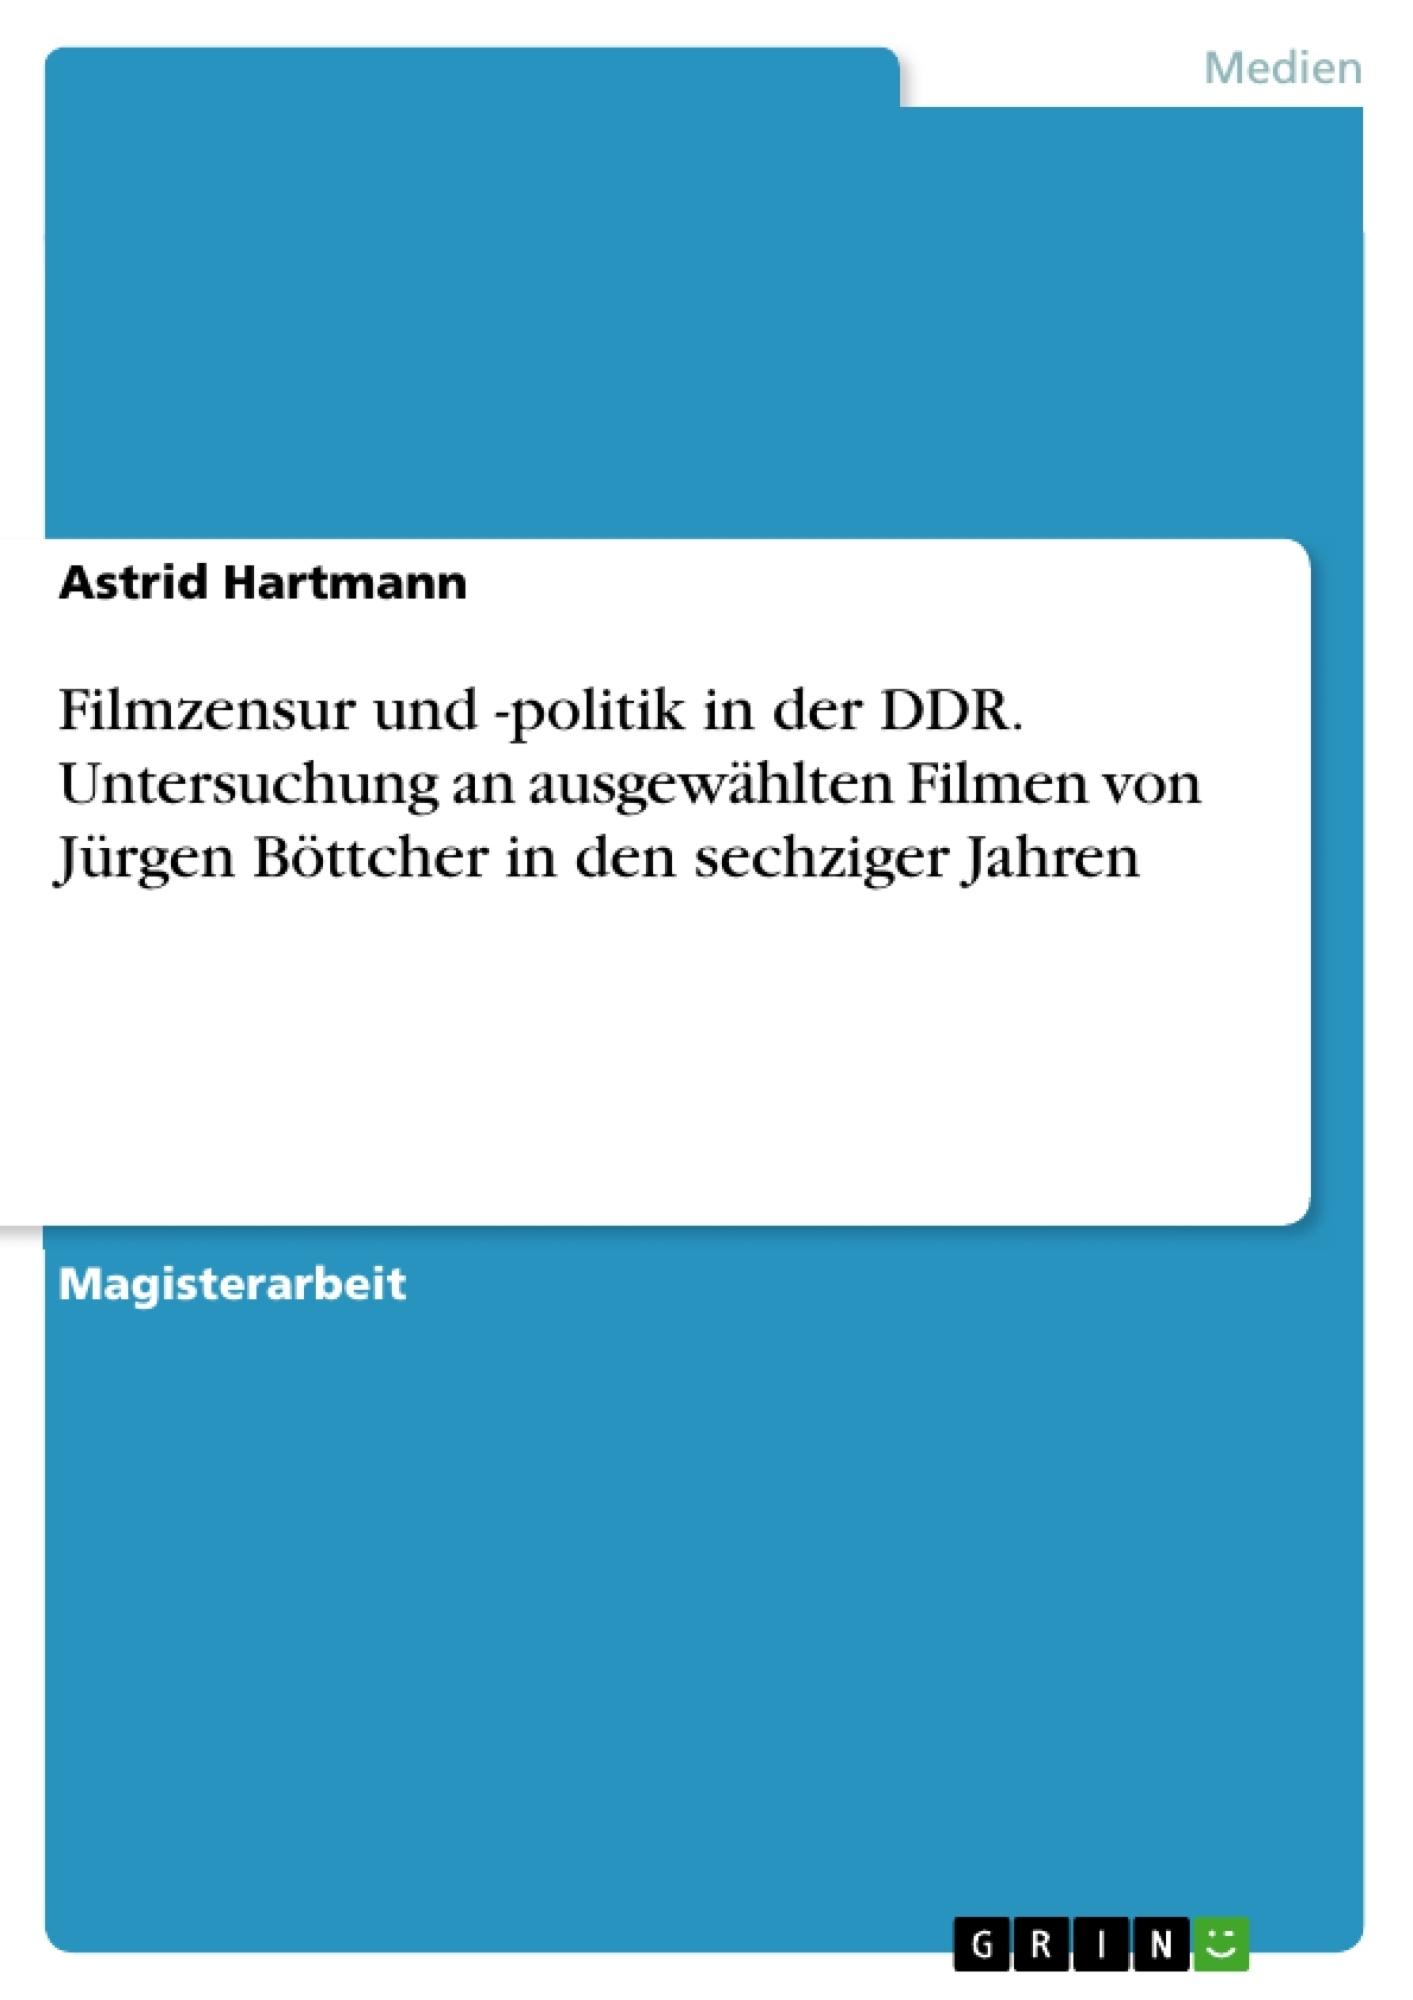 Titel: Filmzensur und -politik in der DDR. Untersuchung an ausgewählten Filmen von Jürgen Böttcher in den sechziger Jahren